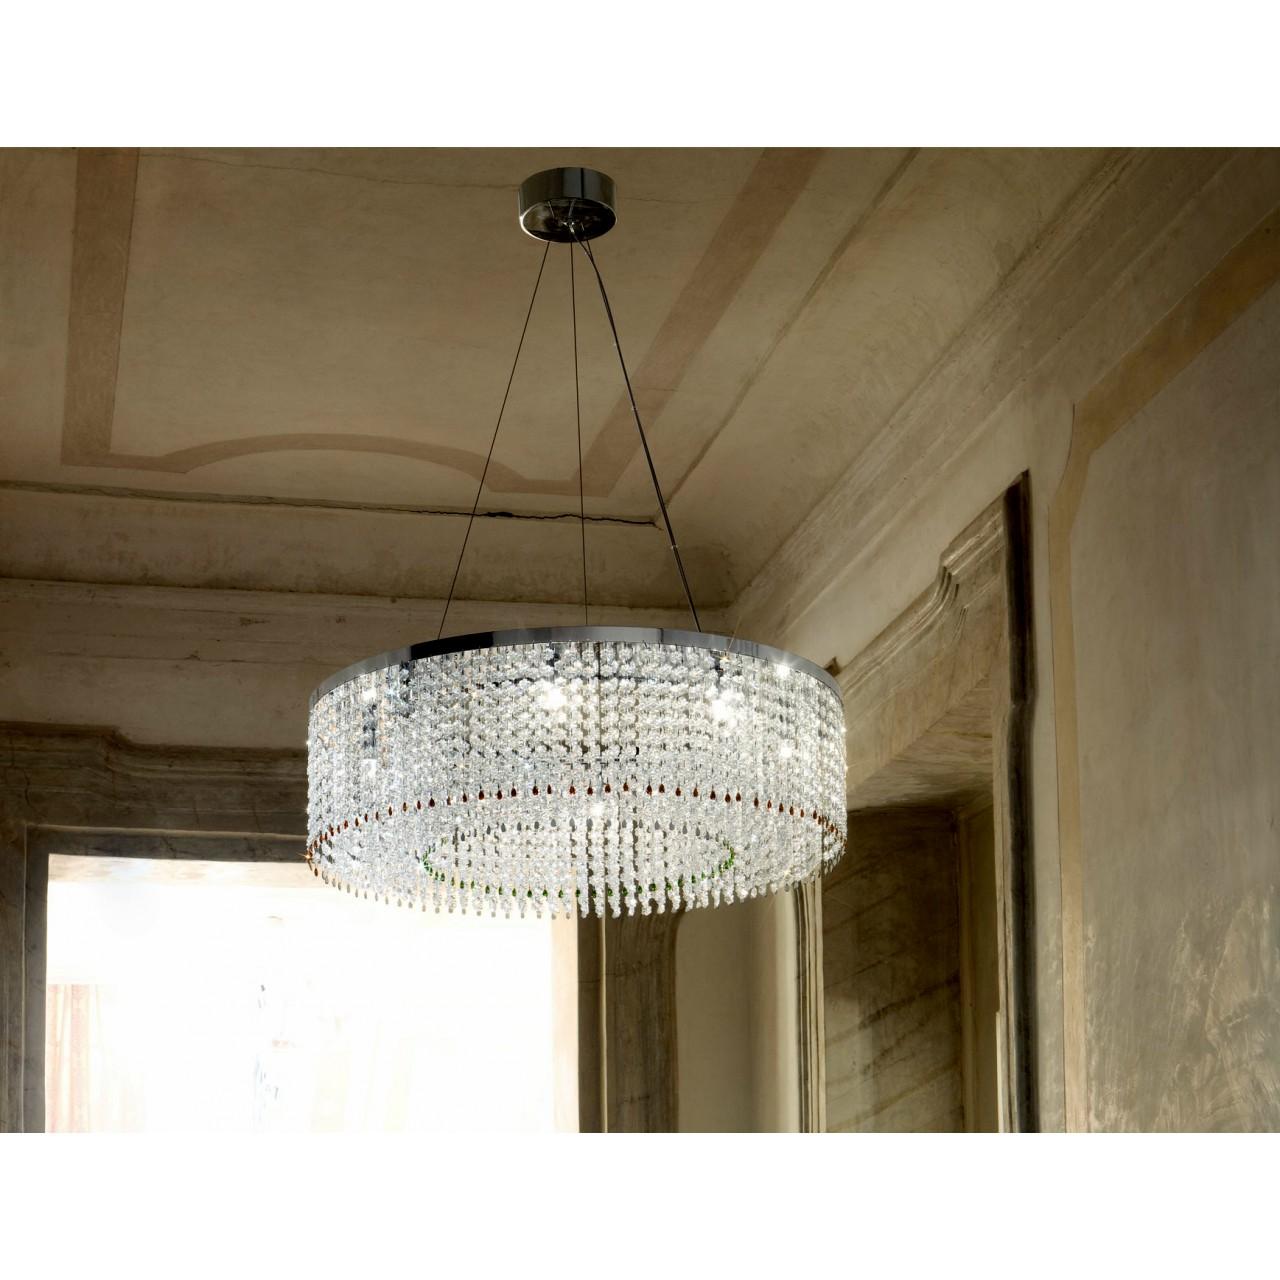 714 Hanging lamp